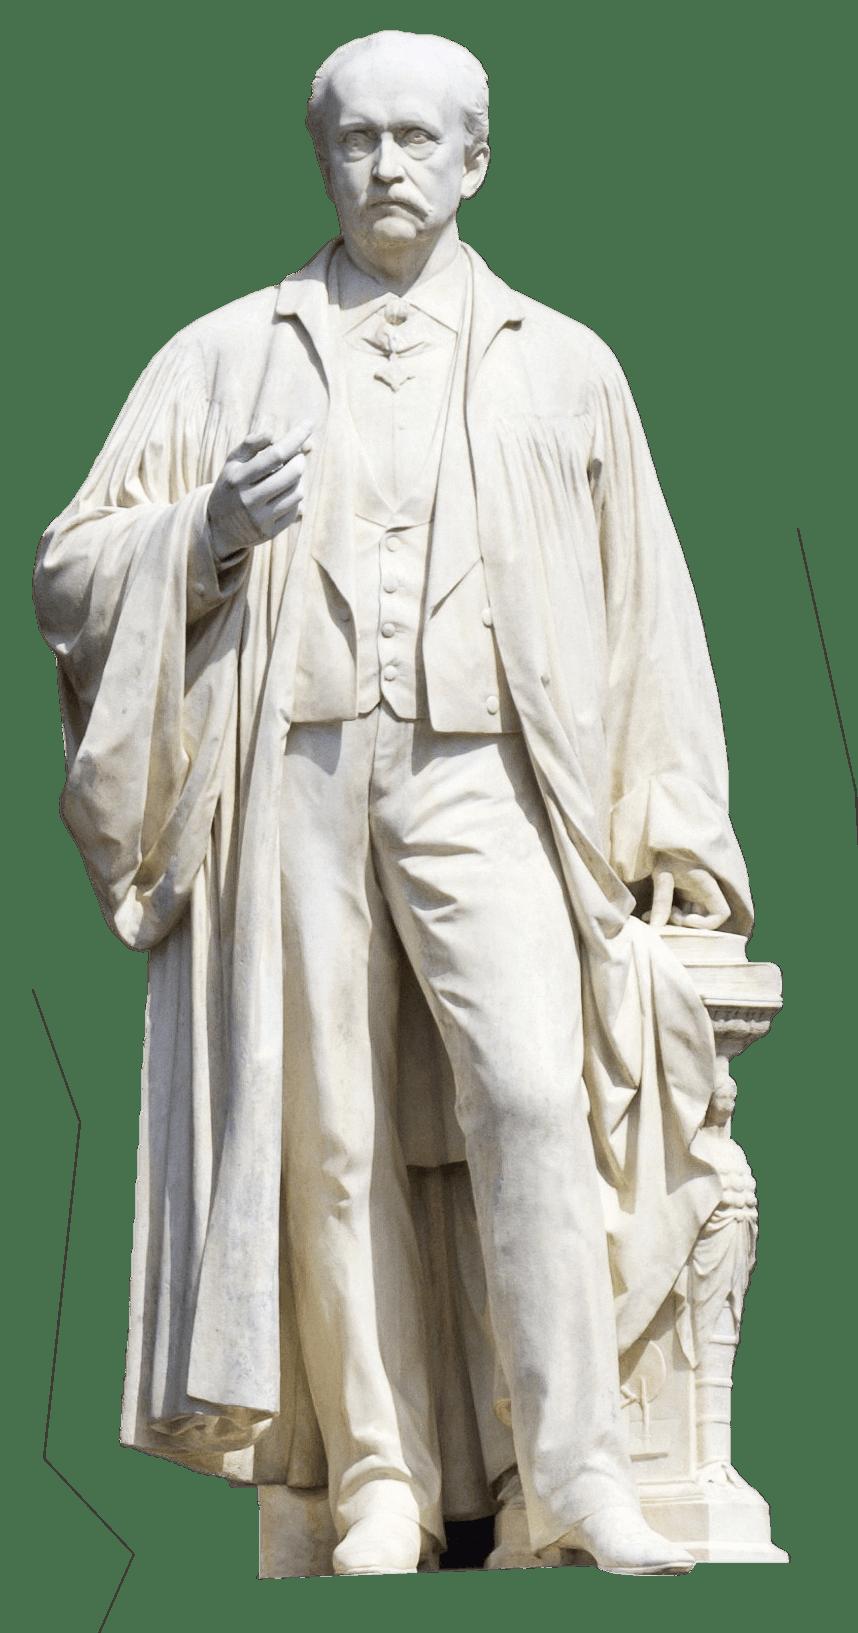 Statue de Helmholtz à l'université de Humboldt.